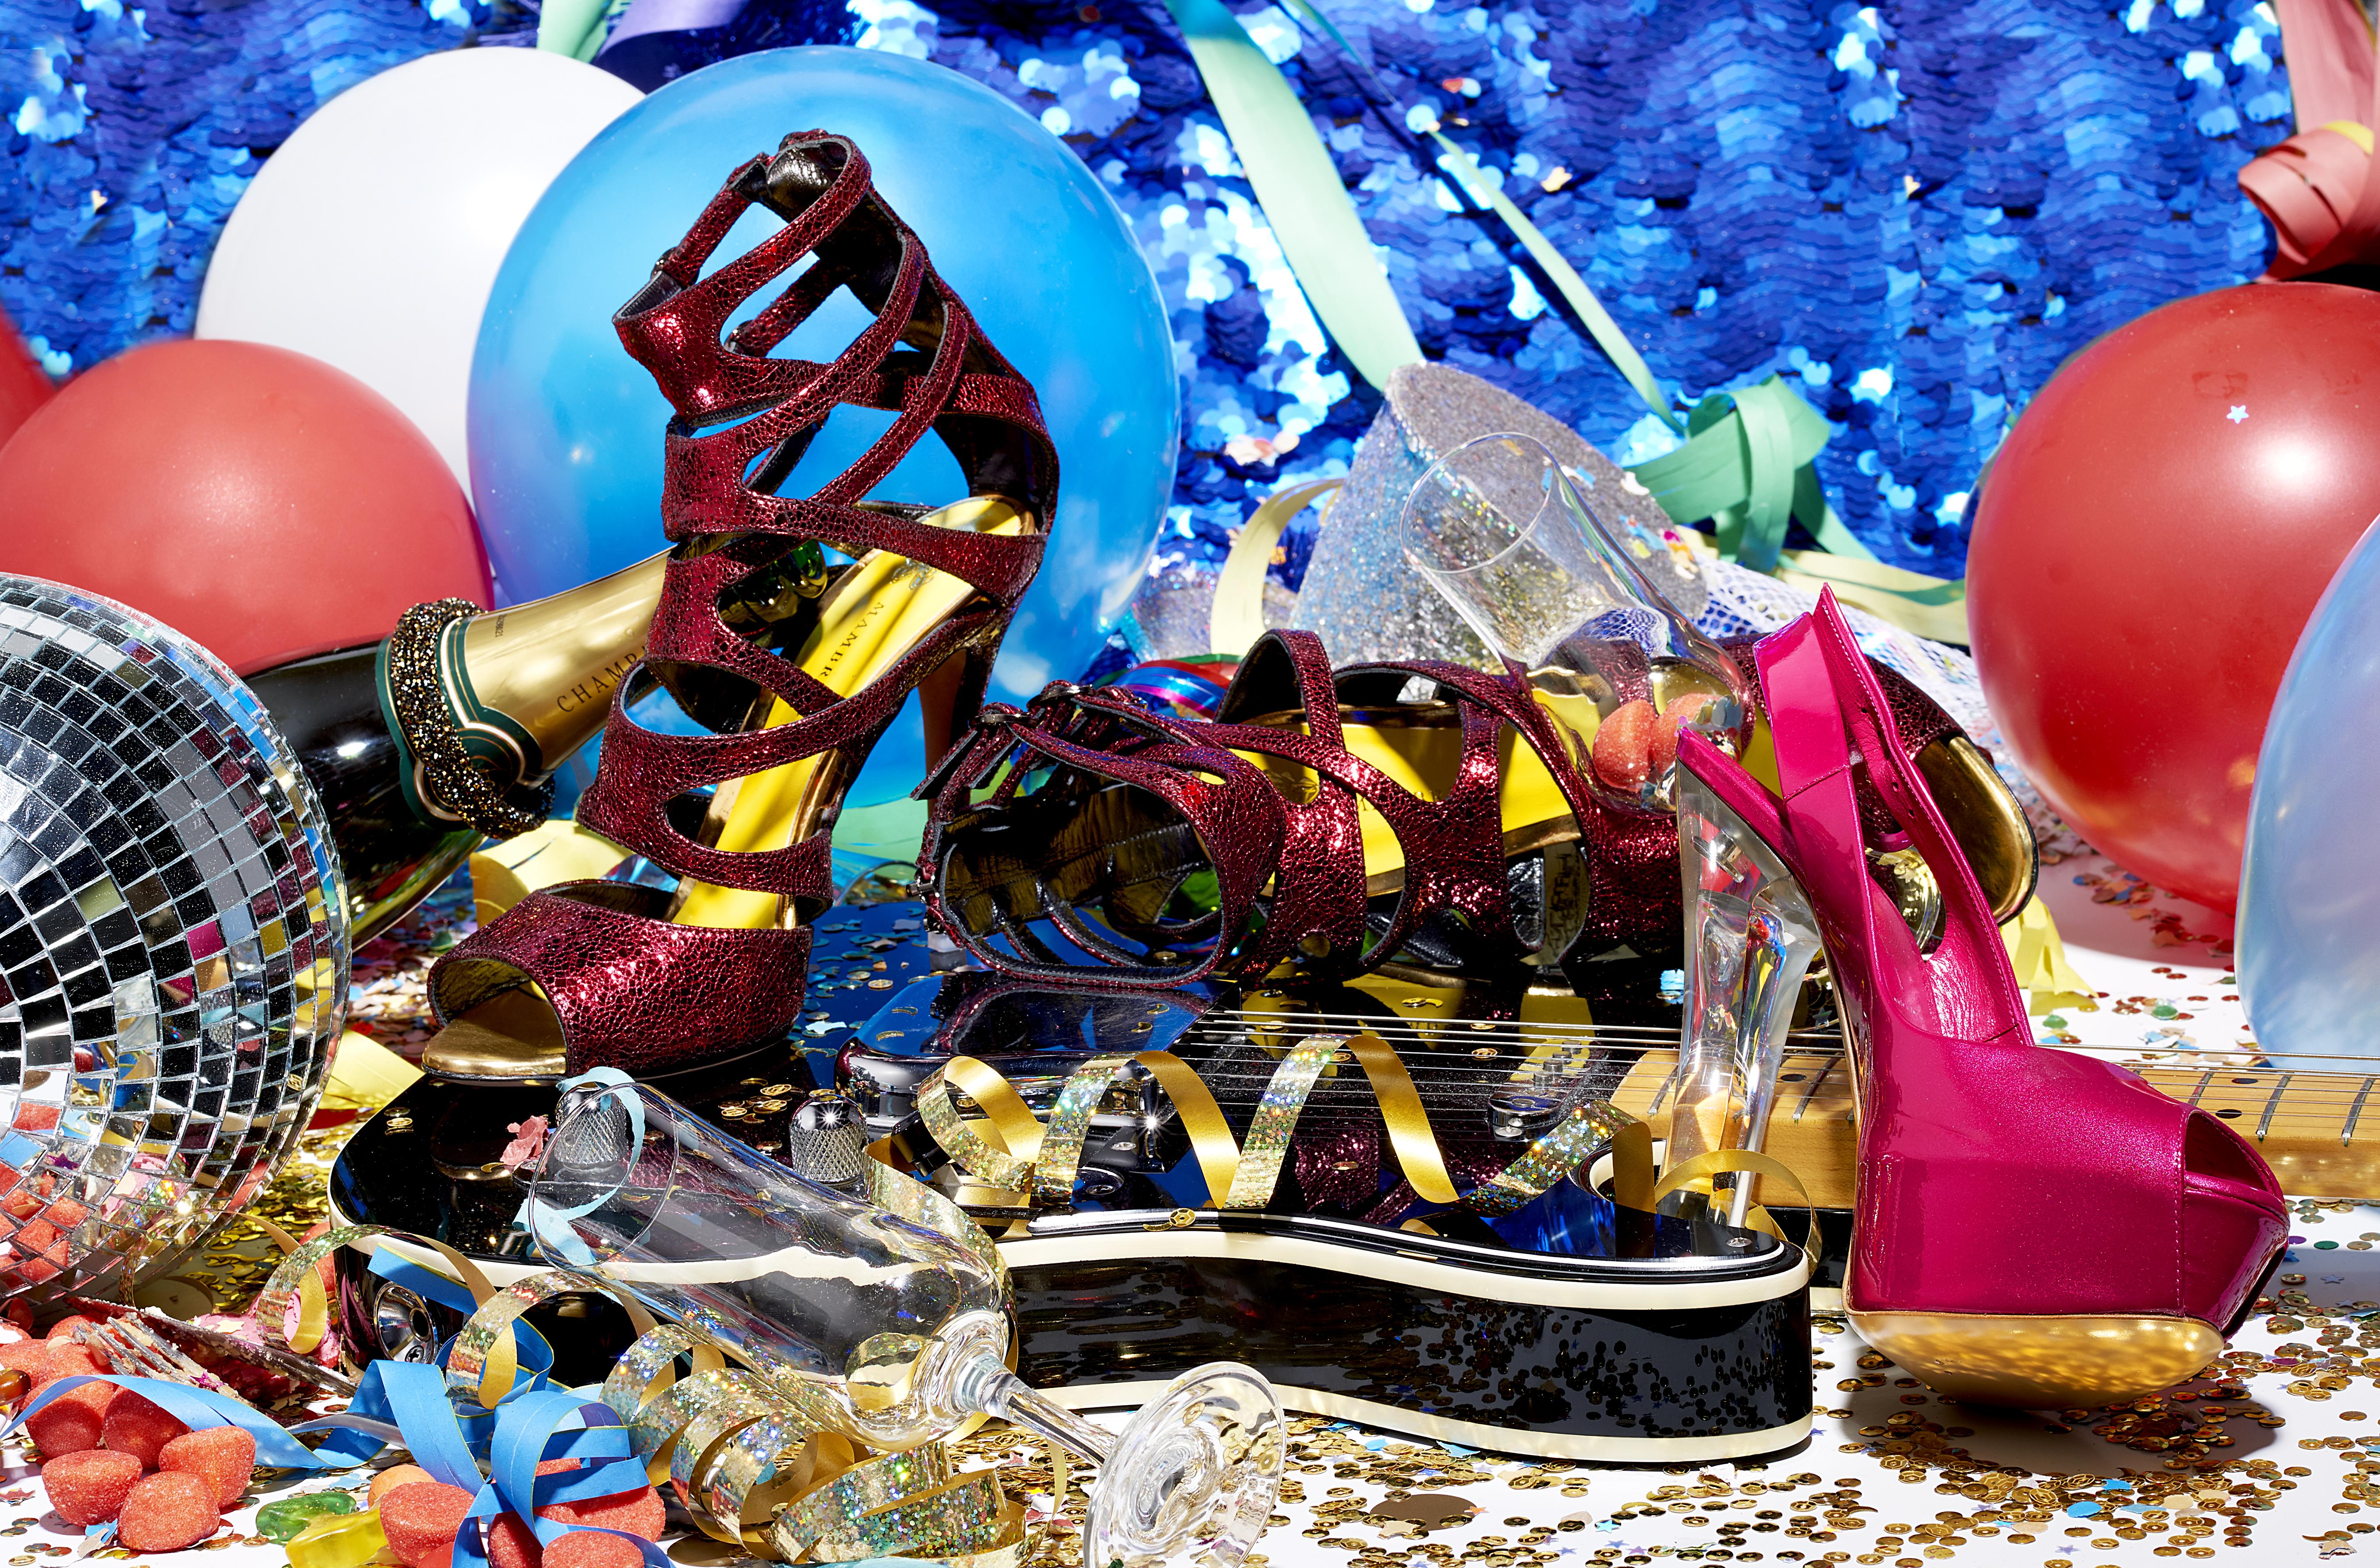 Sandales à droite avec talon plexi transparent : CASADEI CHEZSARENZA.COM  Sandales montantes : FRANCESCA MAMBRINI bracelet : SWAROVSKI